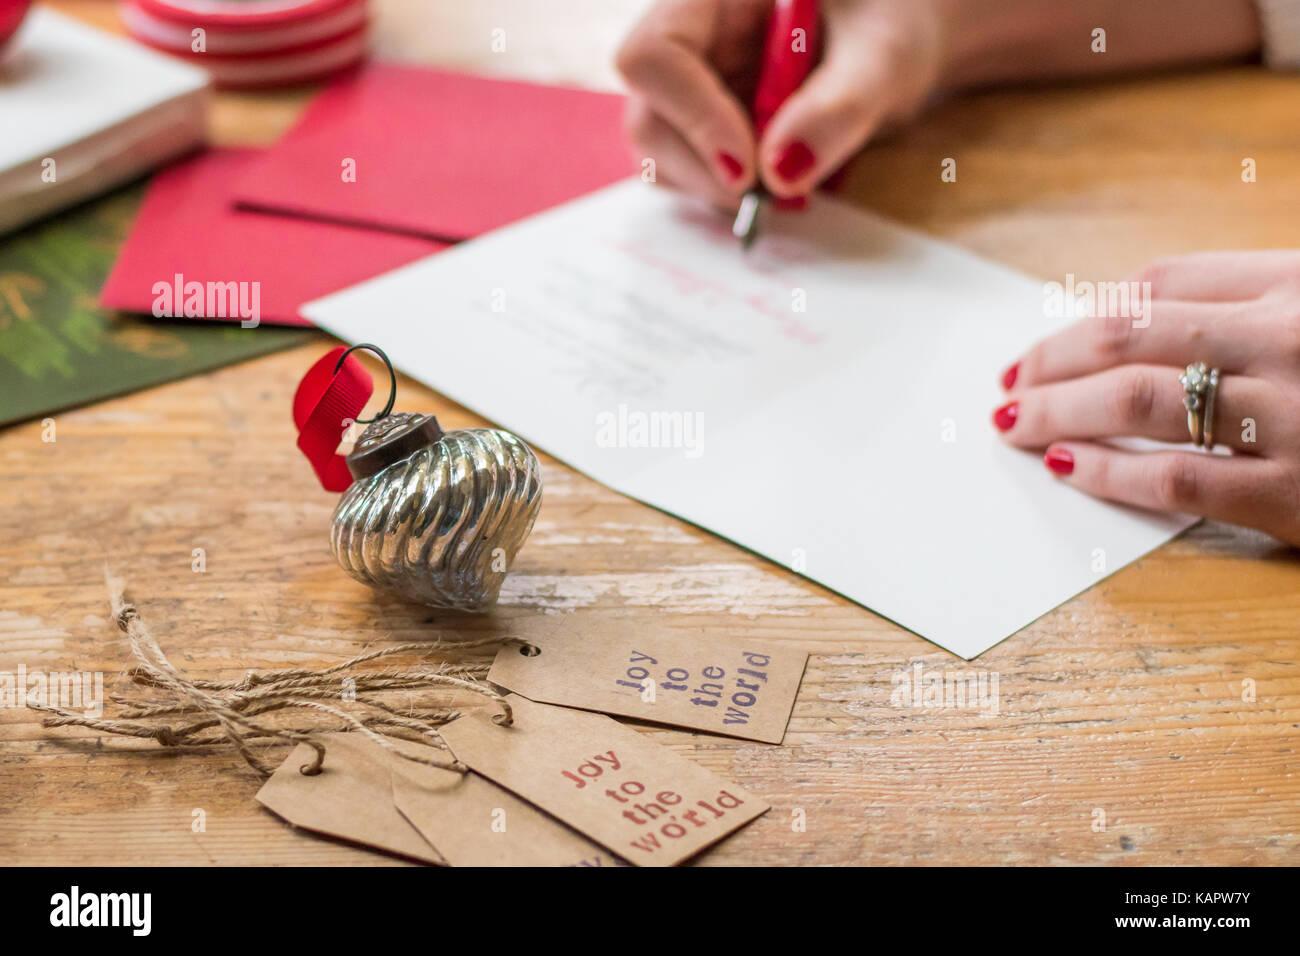 Weihnachtskarten Was Schreiben.Junge Frau Schreiben Von Weihnachtskarten Mit Rote Nägel Einen